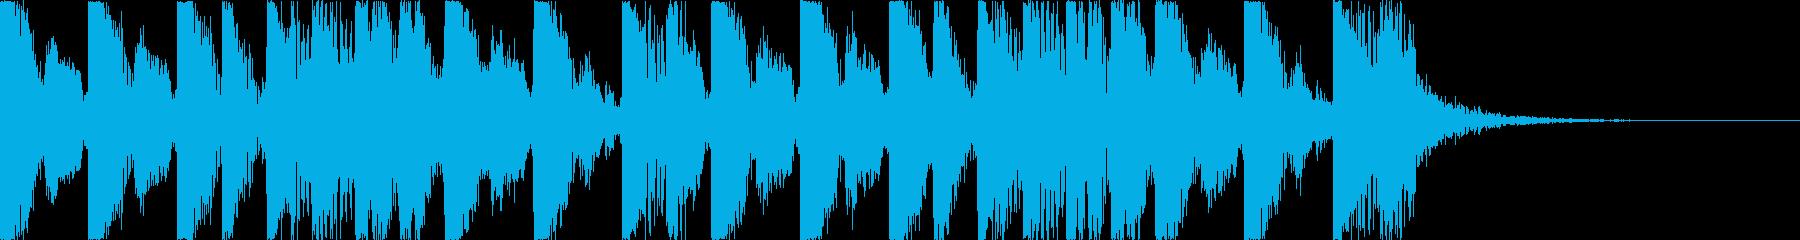 攻撃的でダークなEDM2の再生済みの波形